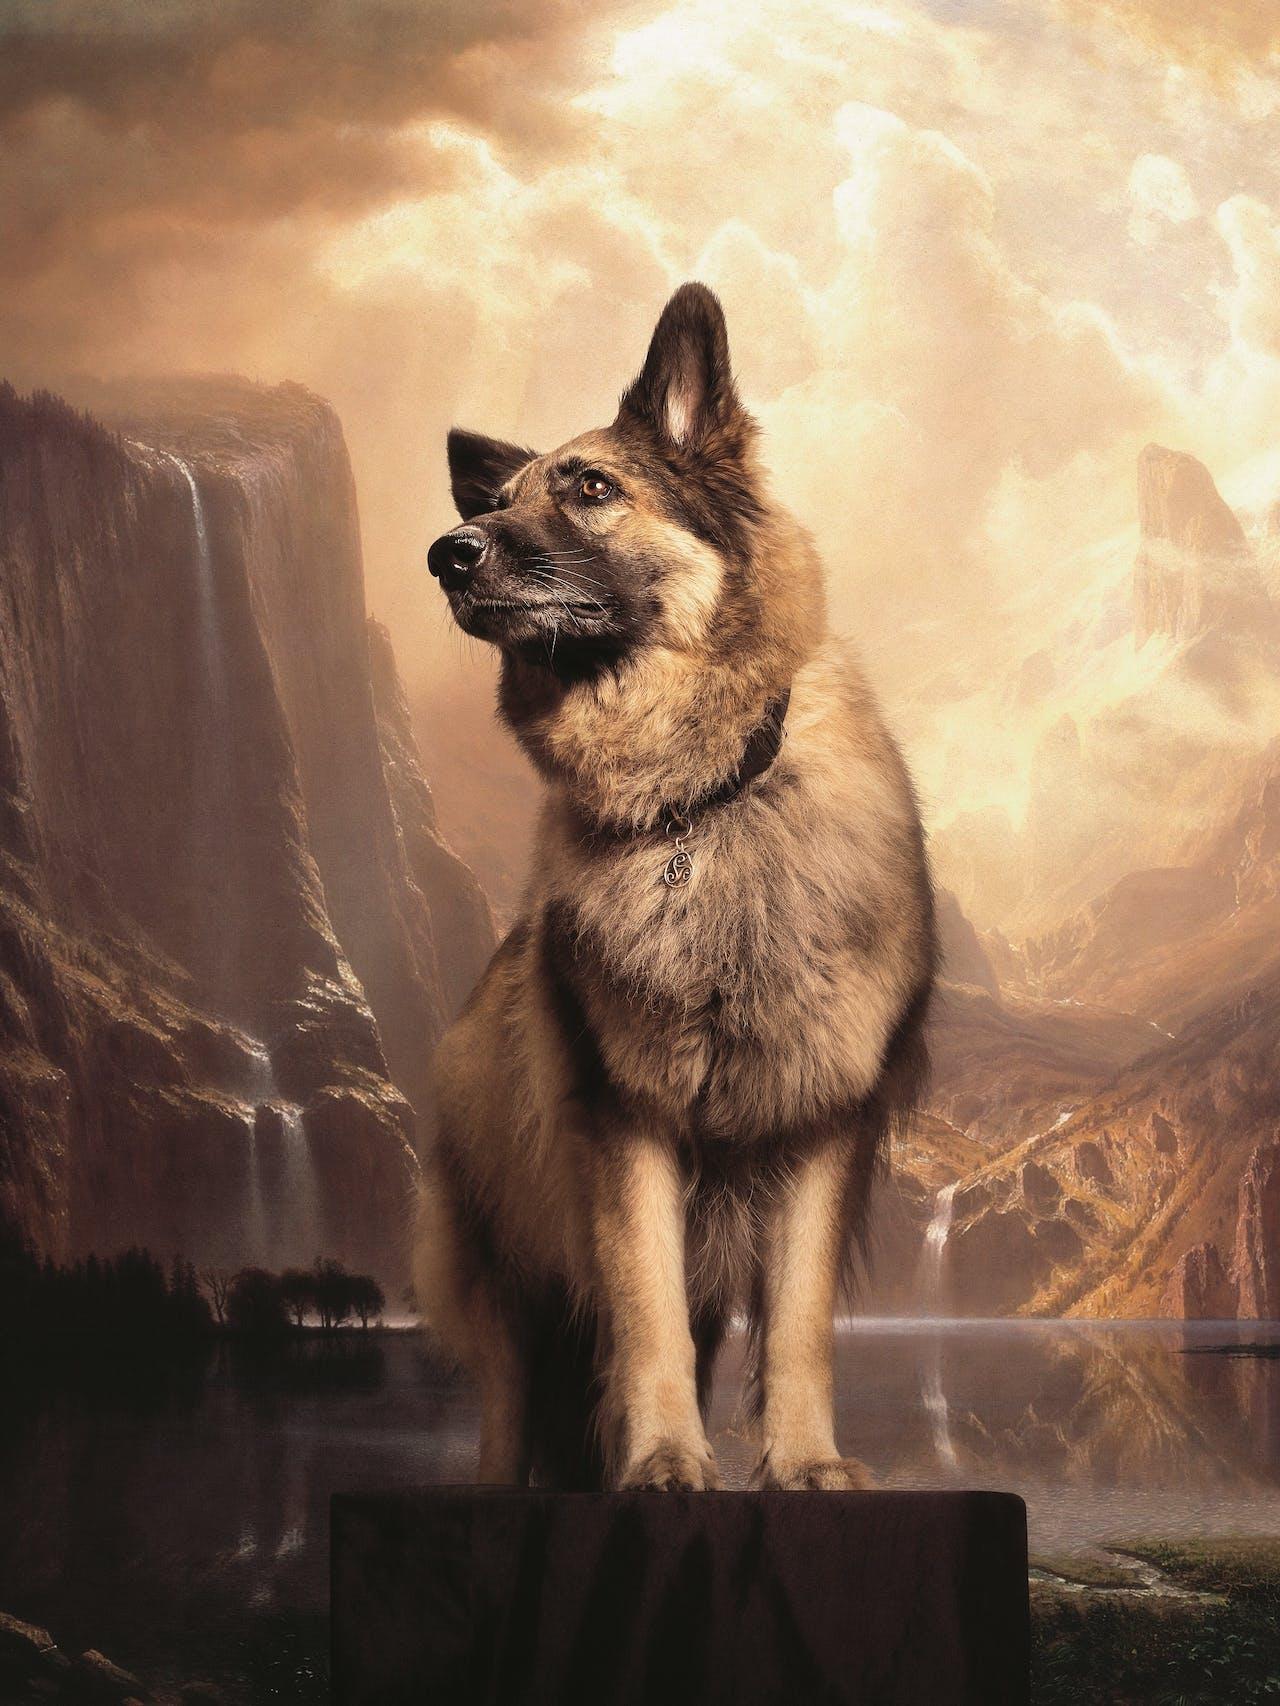 De shiloh shepherd is een groot soort herdershond, gefokt in de Verenigde Staten.